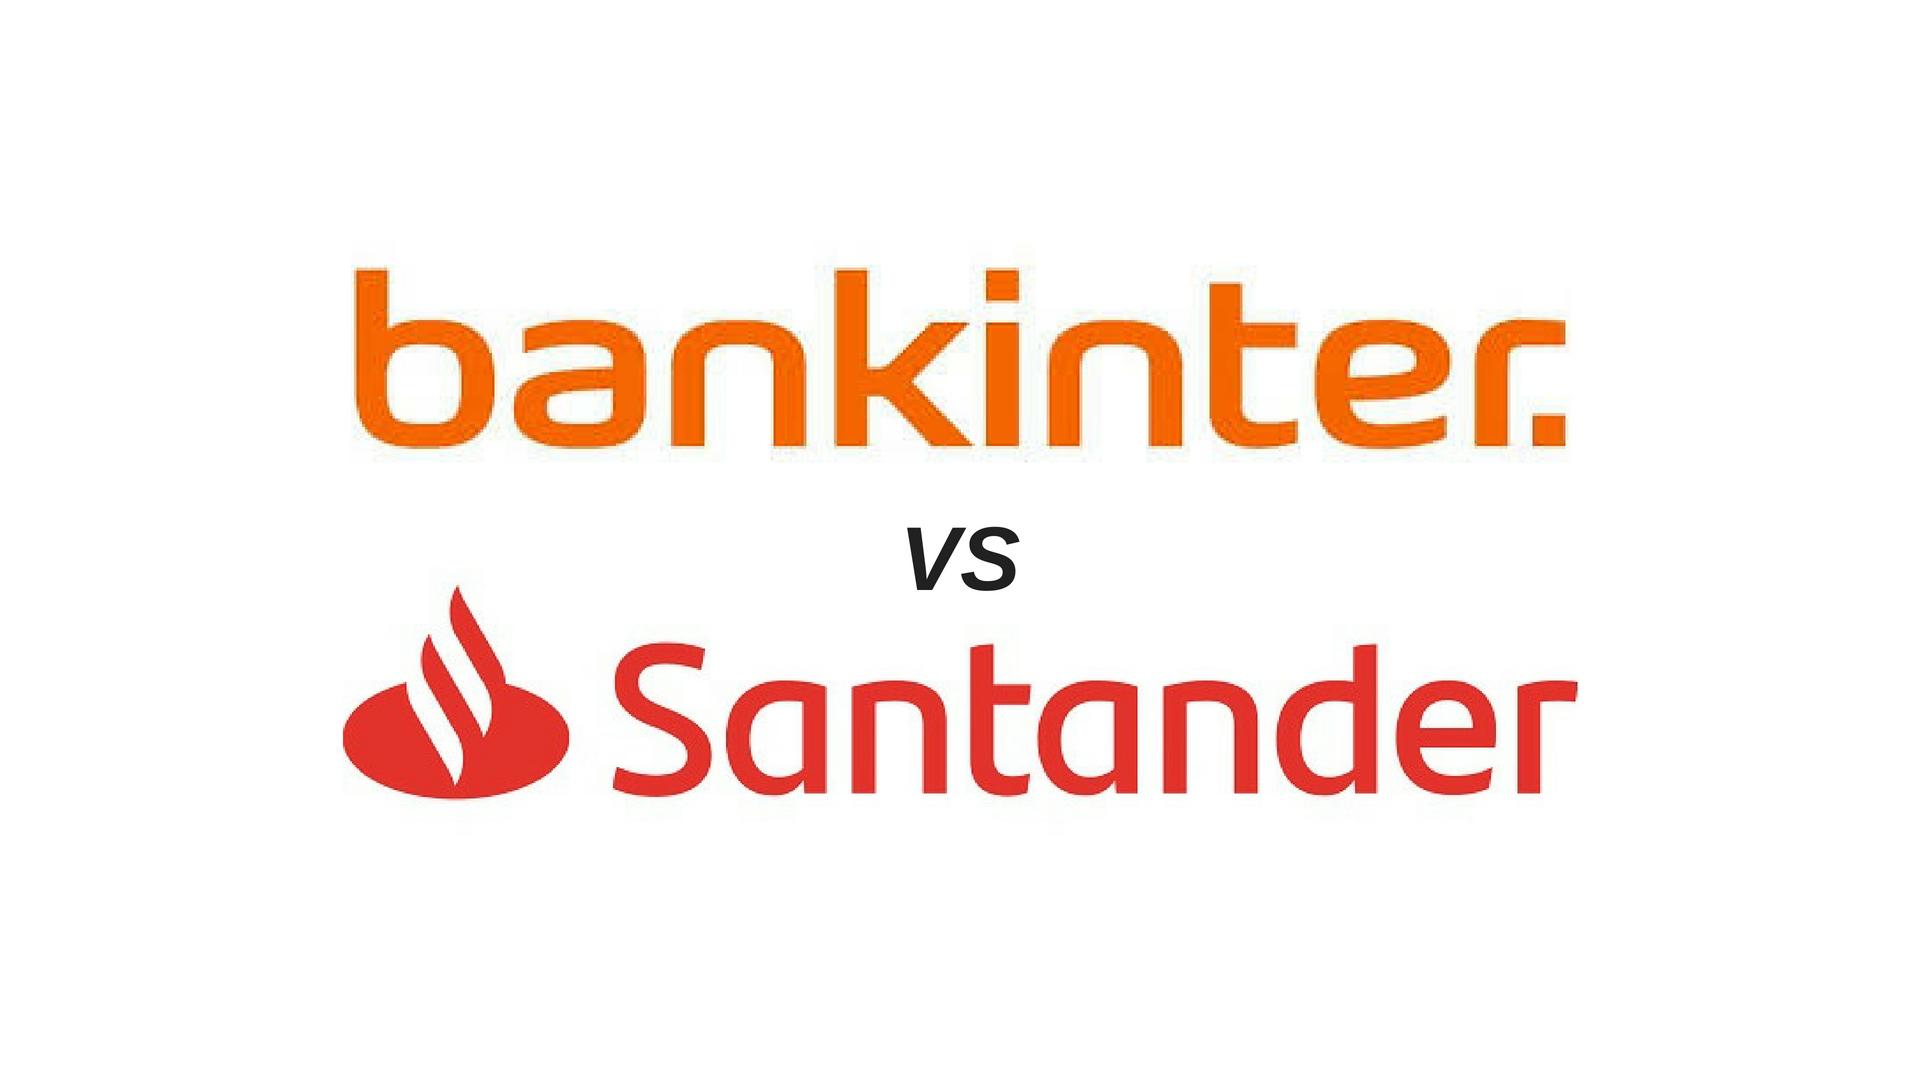 Bankinter-vs-santander